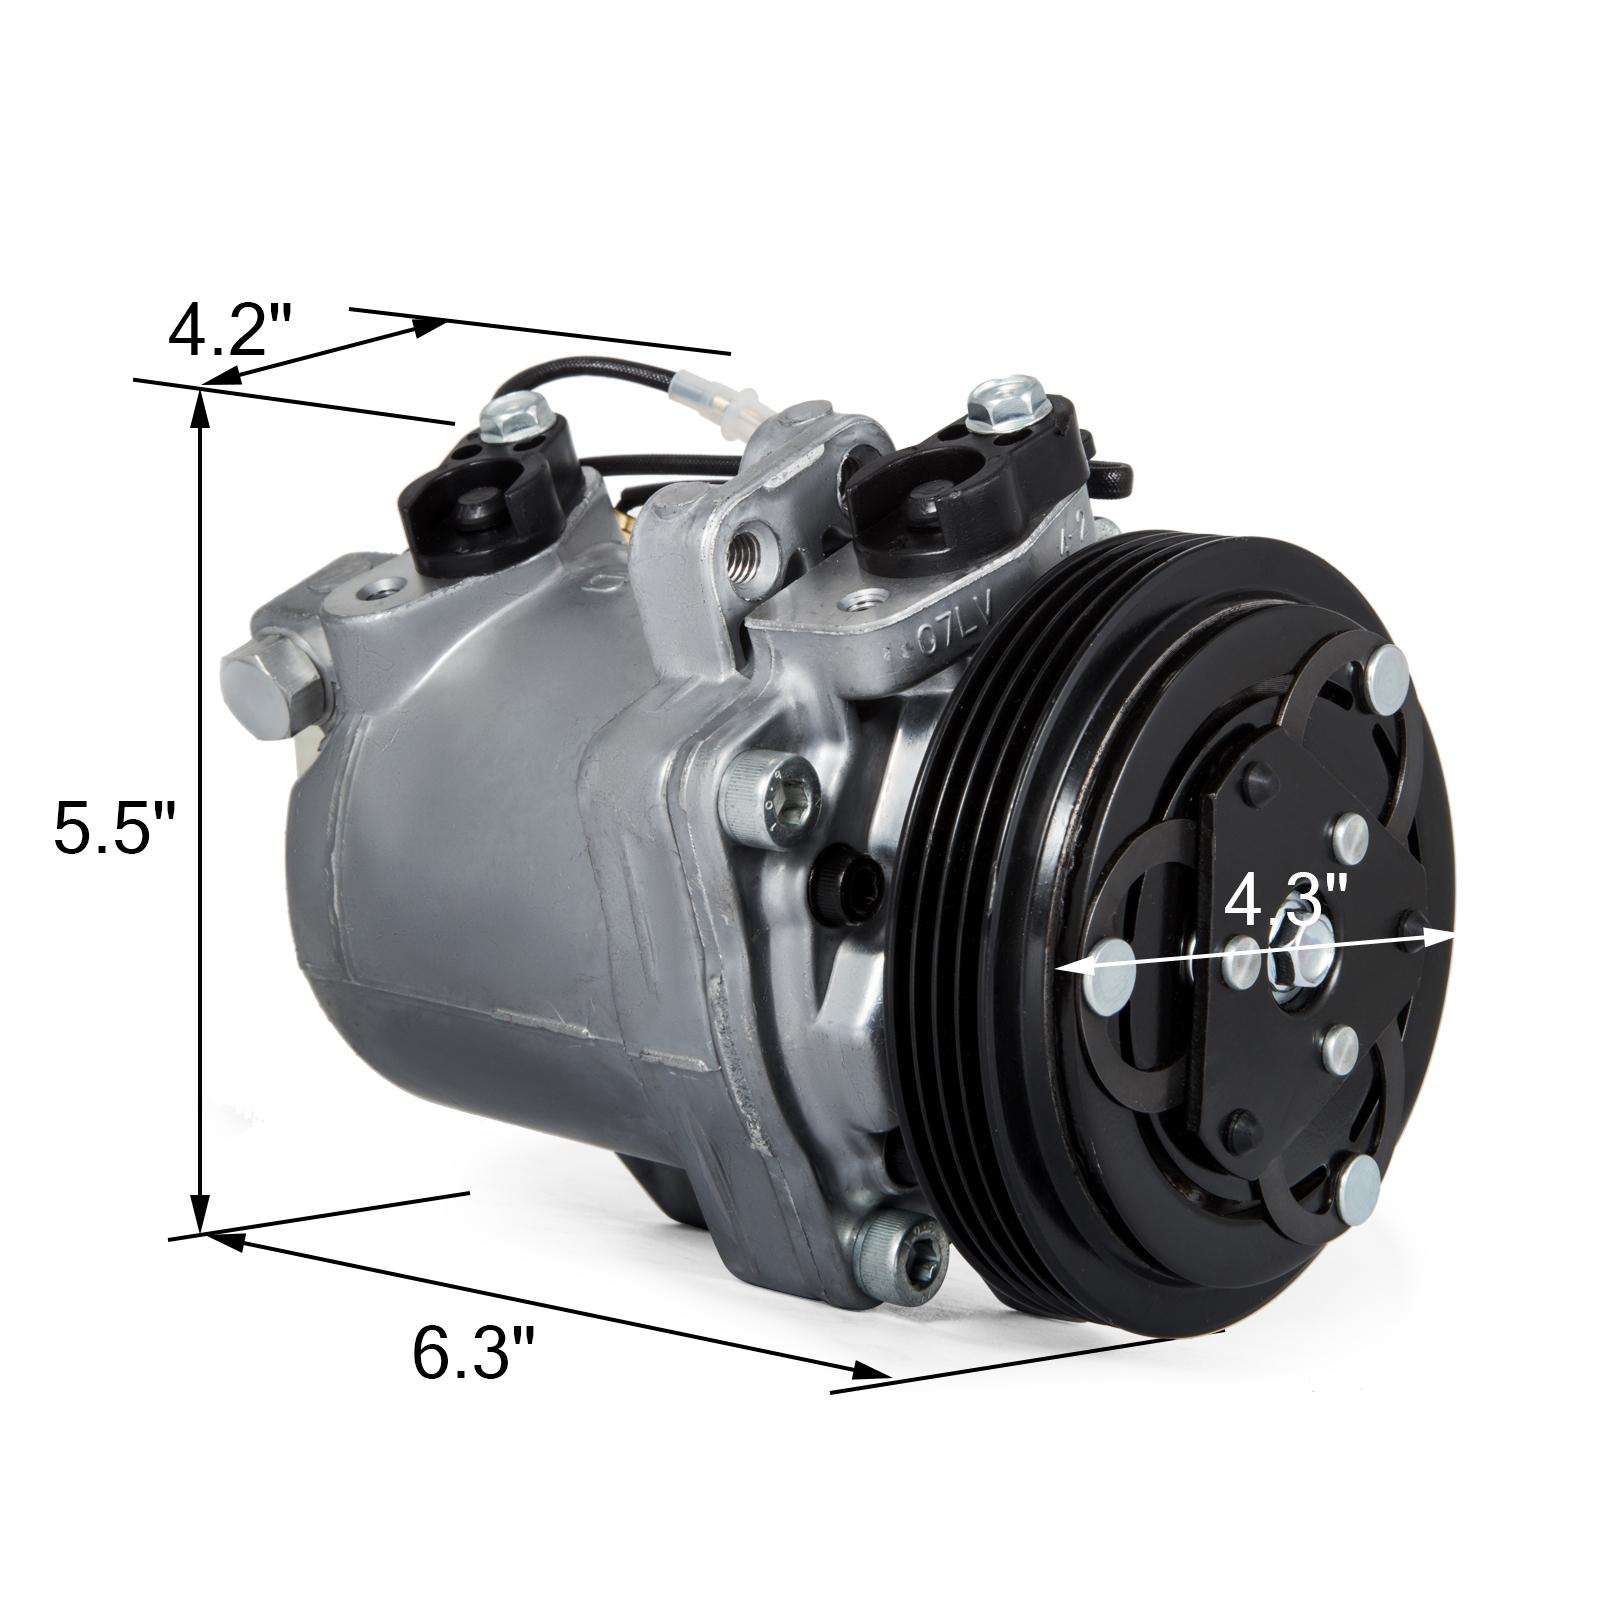 Get AC Compressor A//C Clutch For Suzuki Grand Vitara 14155434 99-05 2.5L Free